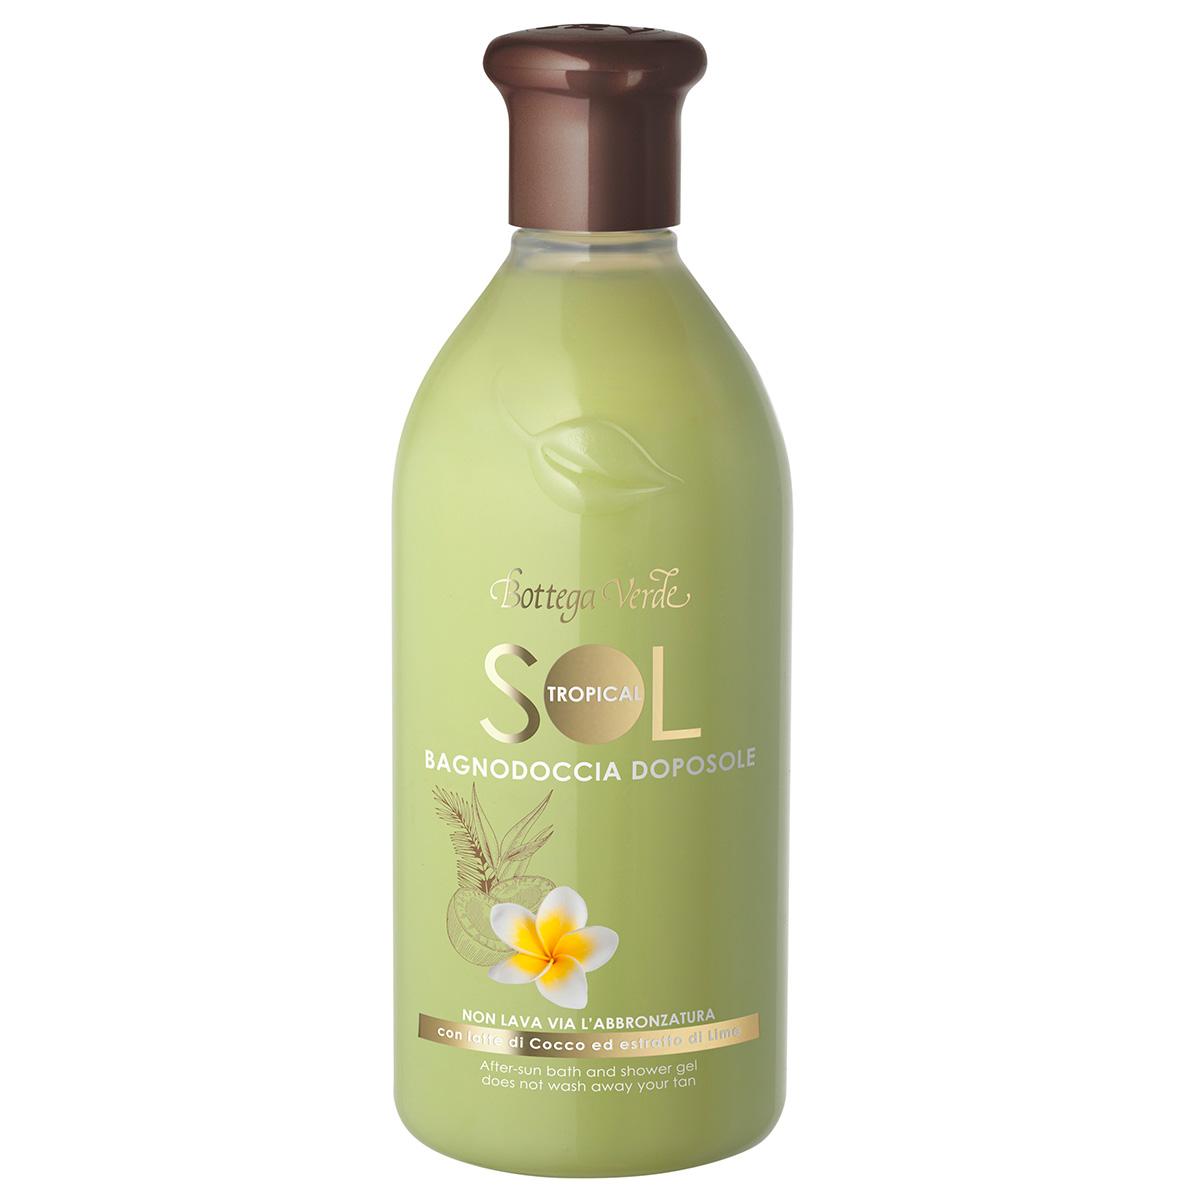 Protectie Solara - Gel de dus dupa expunerea la soare - prelungeste durata bronzului - cu lapte de cocos si extract de lime